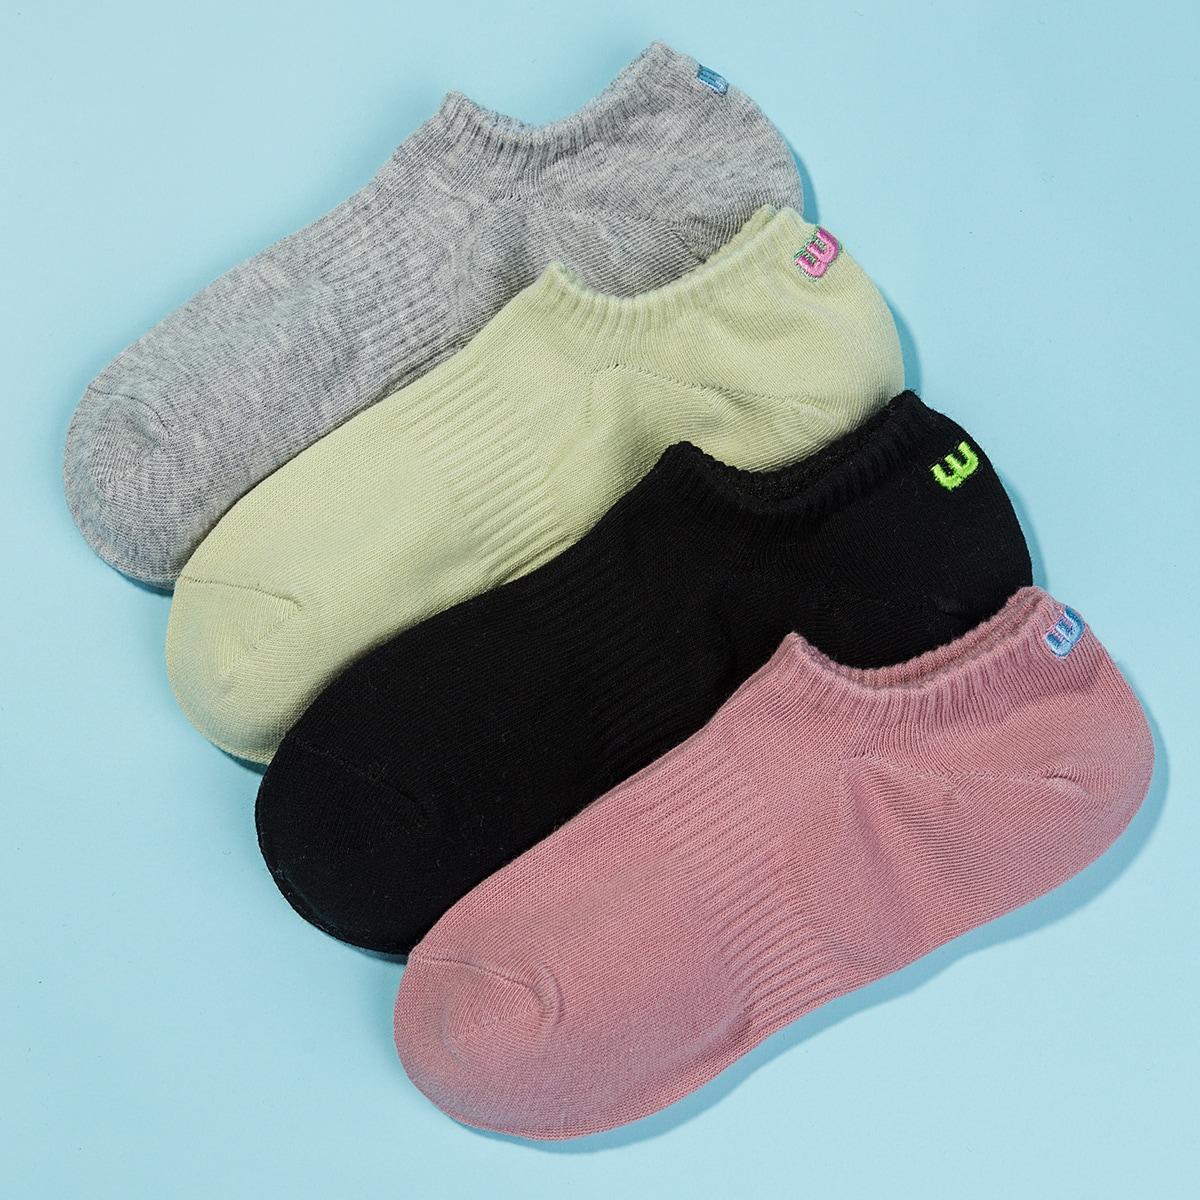 Носки с вышивкой 4 пары фото